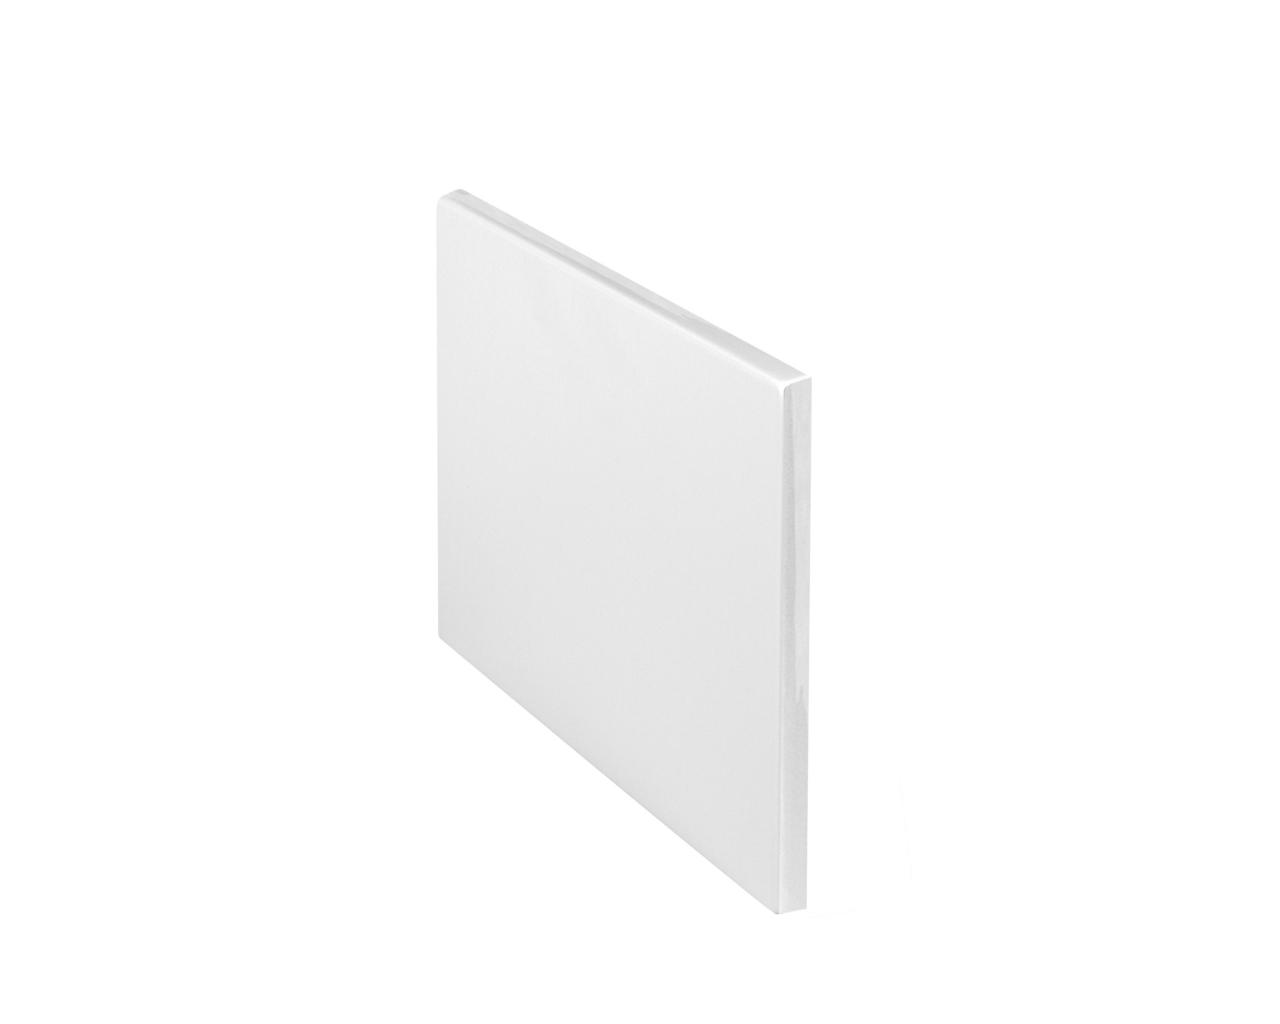 CERSANIT PANEL K VANĚ VIRGO/INTRO 75cm BOČNÍ CW (S401-047)